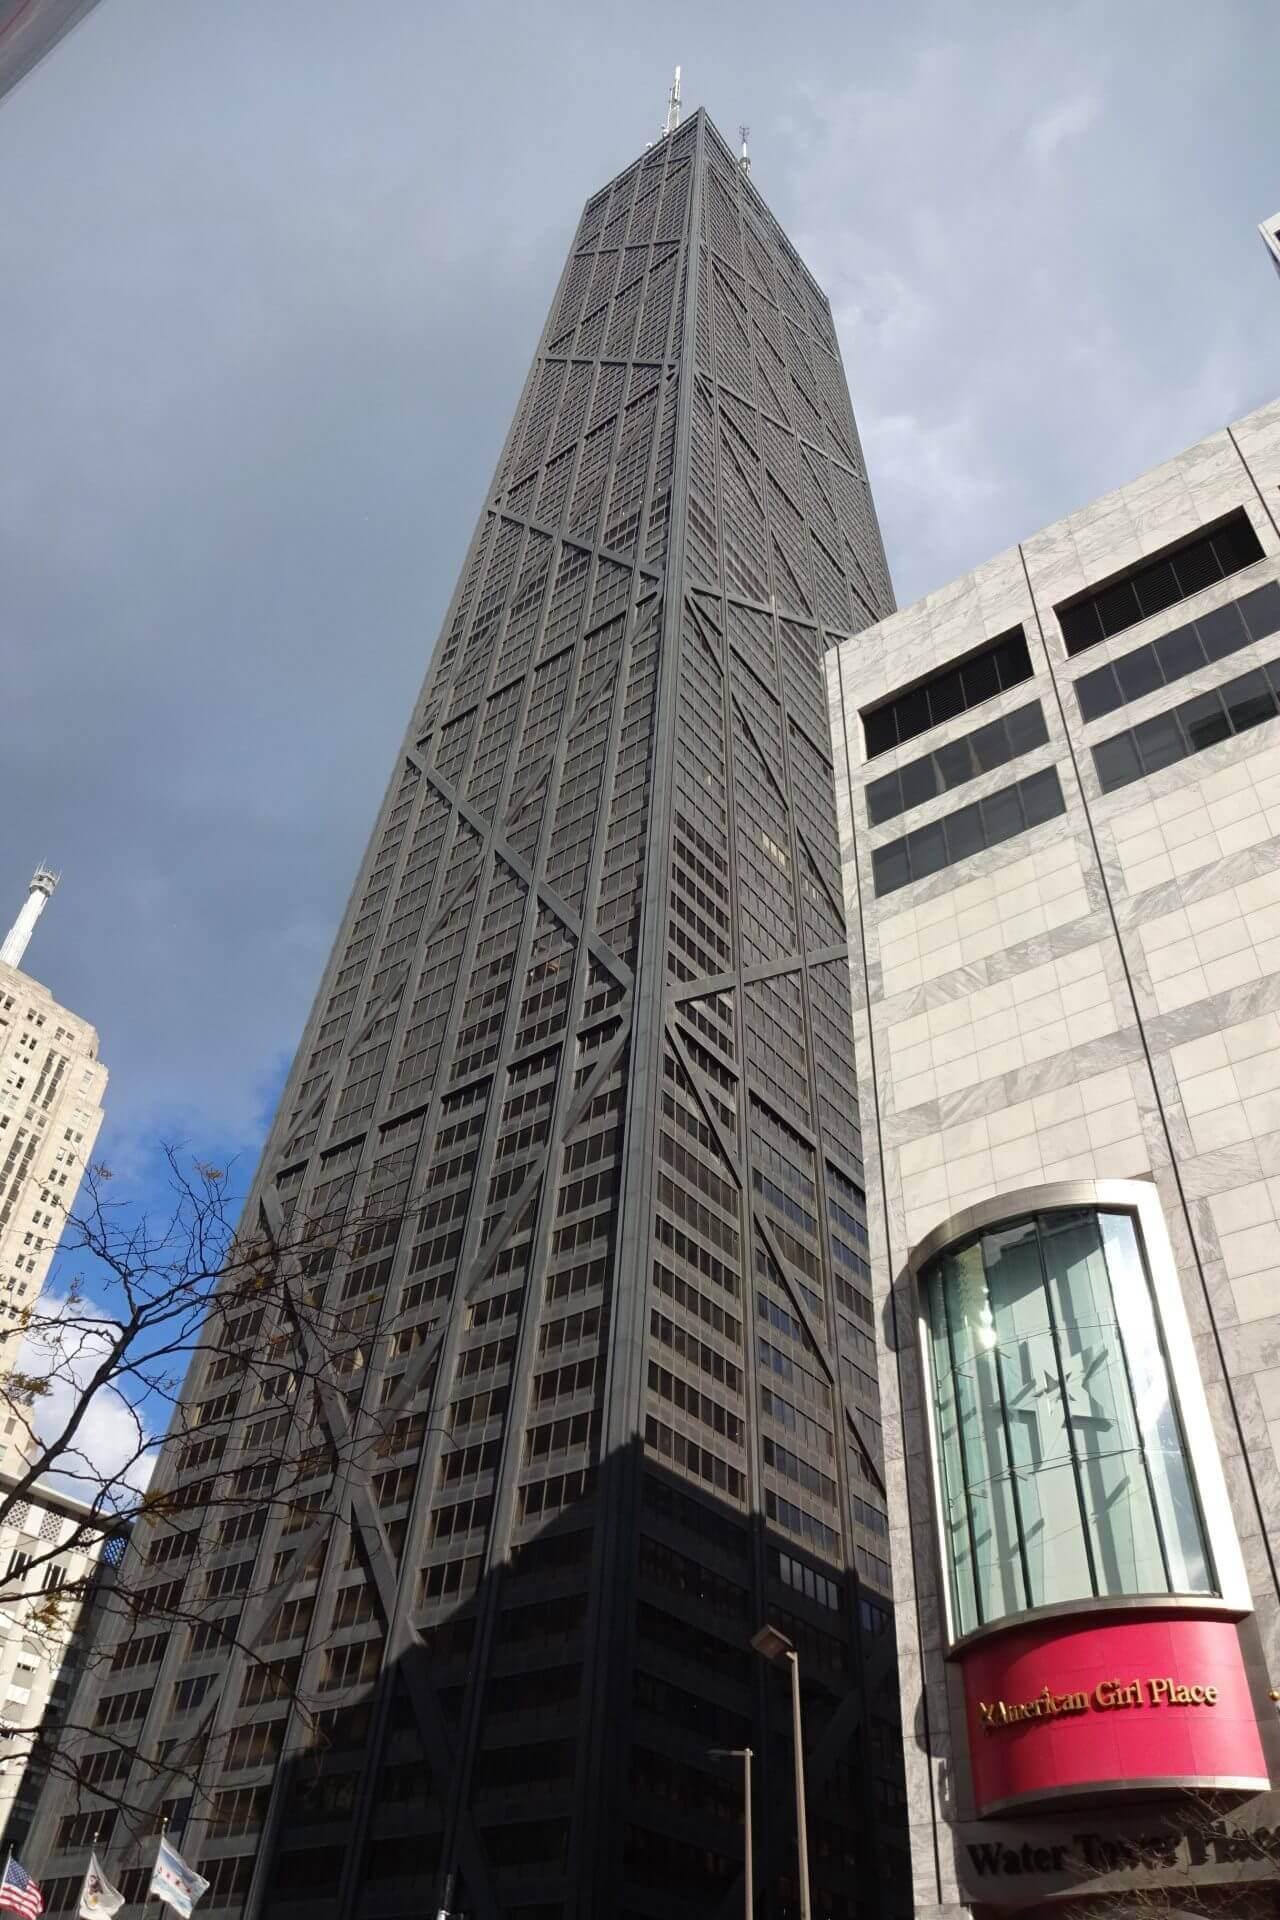 John Hancock Center. Bilder und Eindrücke aus Chicago, Illinois, United States.